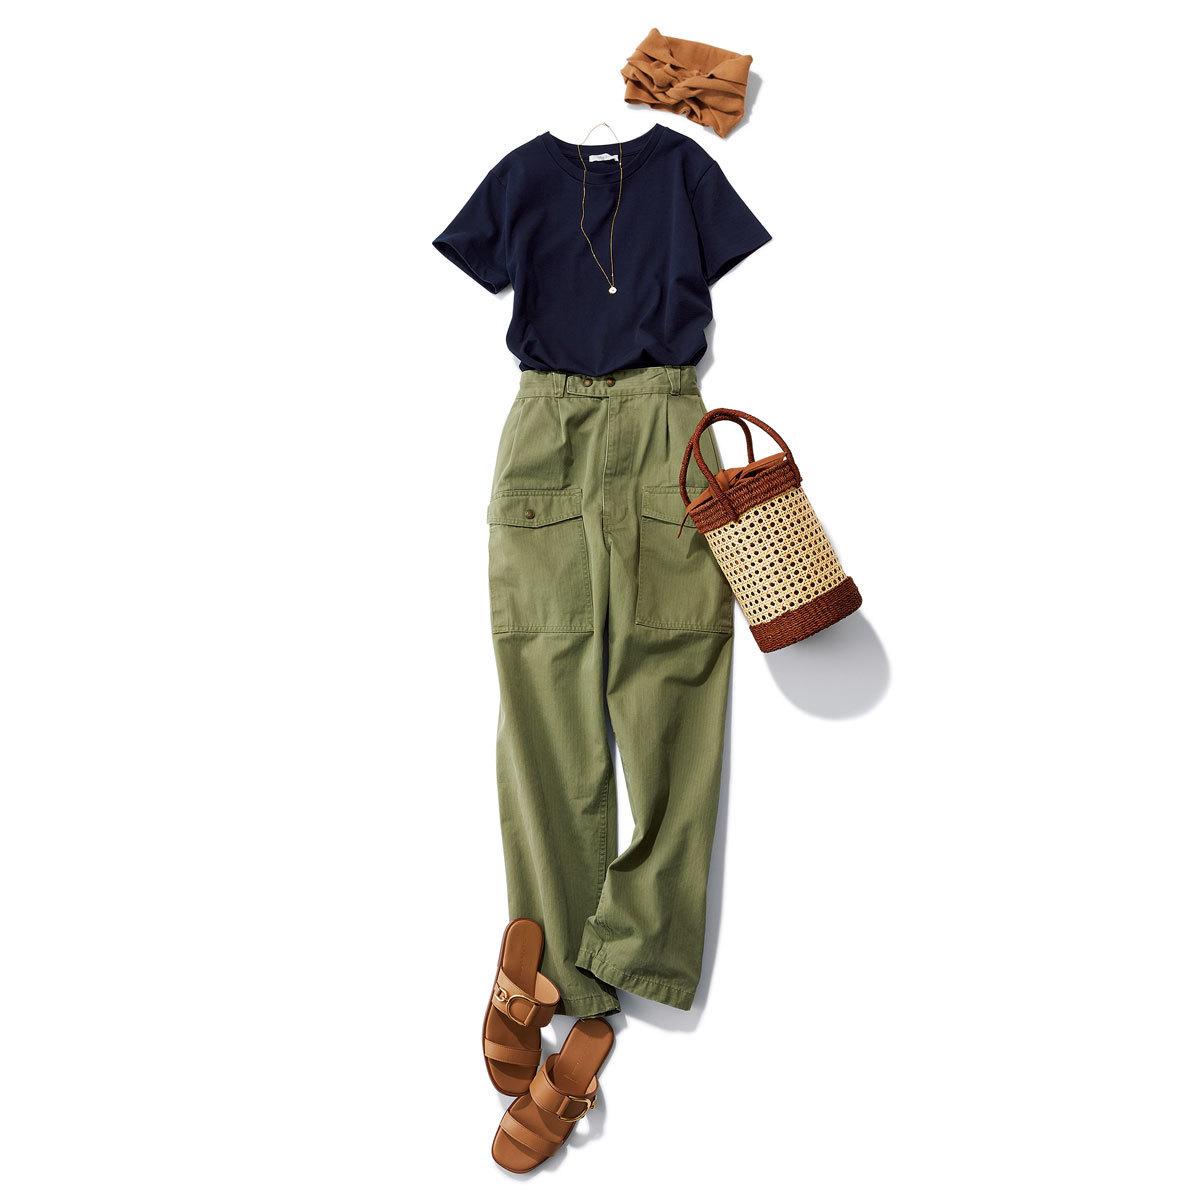 ネイビーTシャツ×カーゴパンツのコーデ